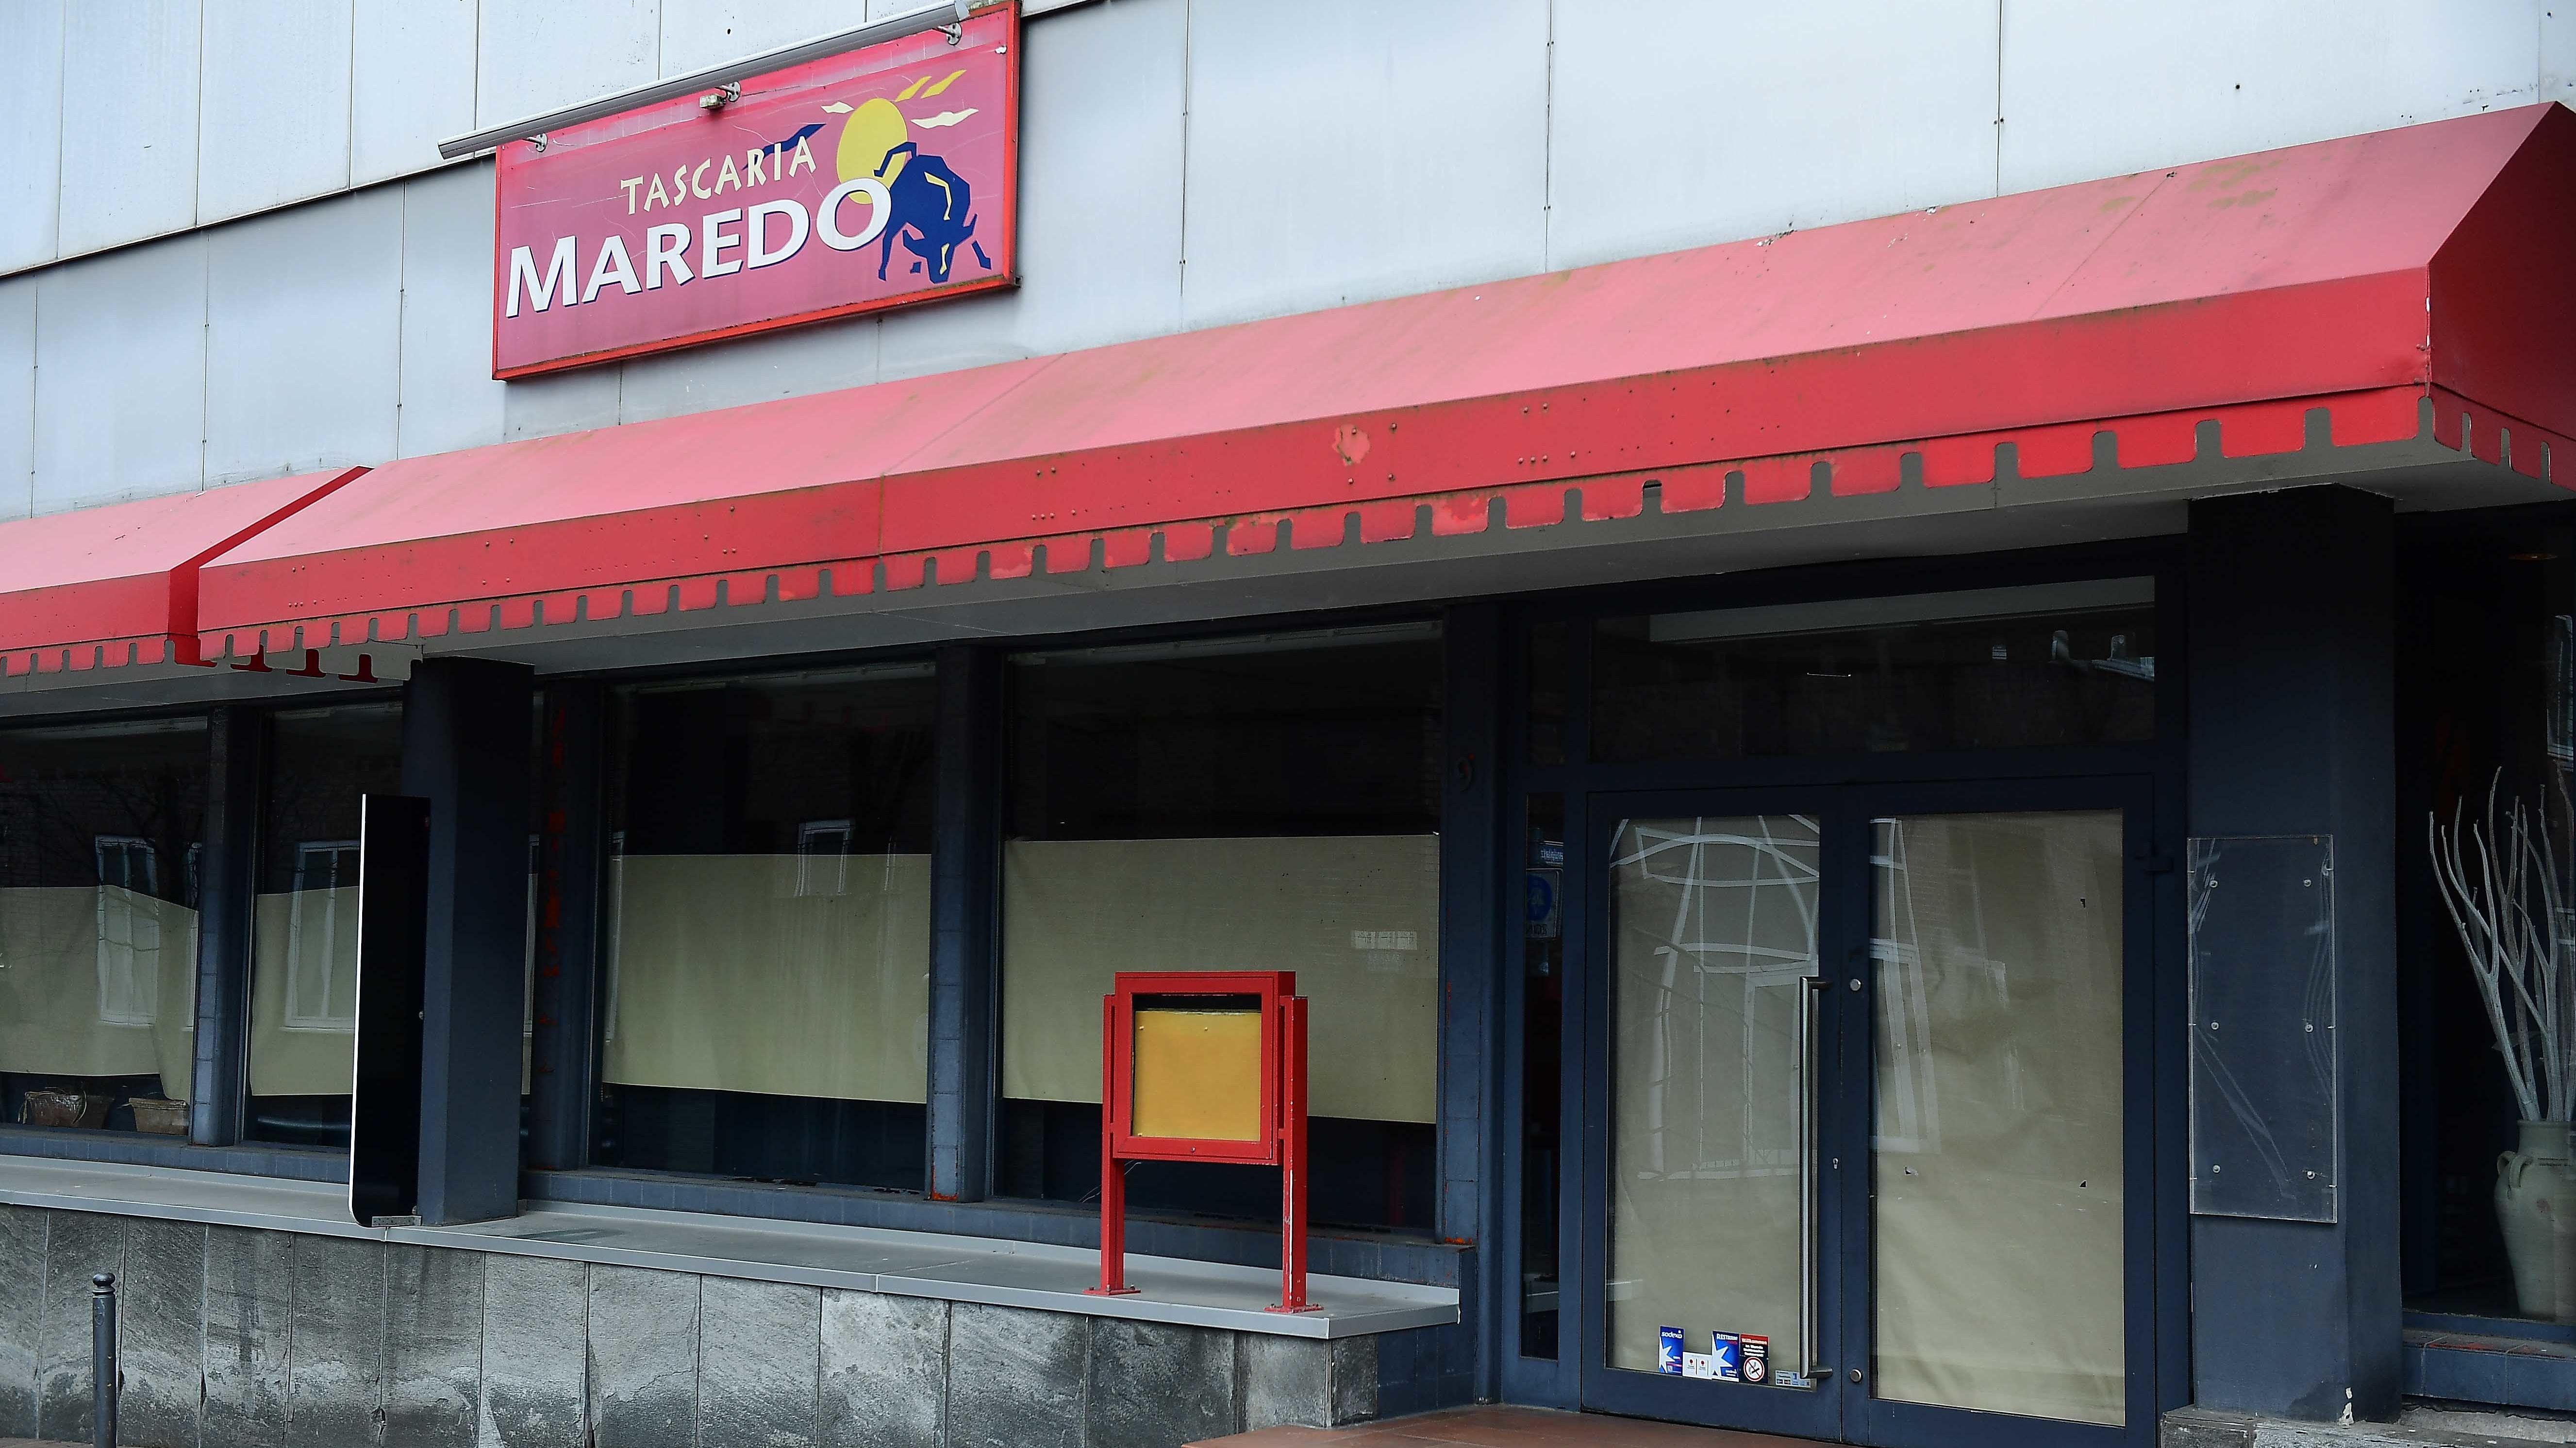 Geschäftsaufgabe wegen Coronavirus: Maredo-Steakhauskette stellt Insolvenzantrag